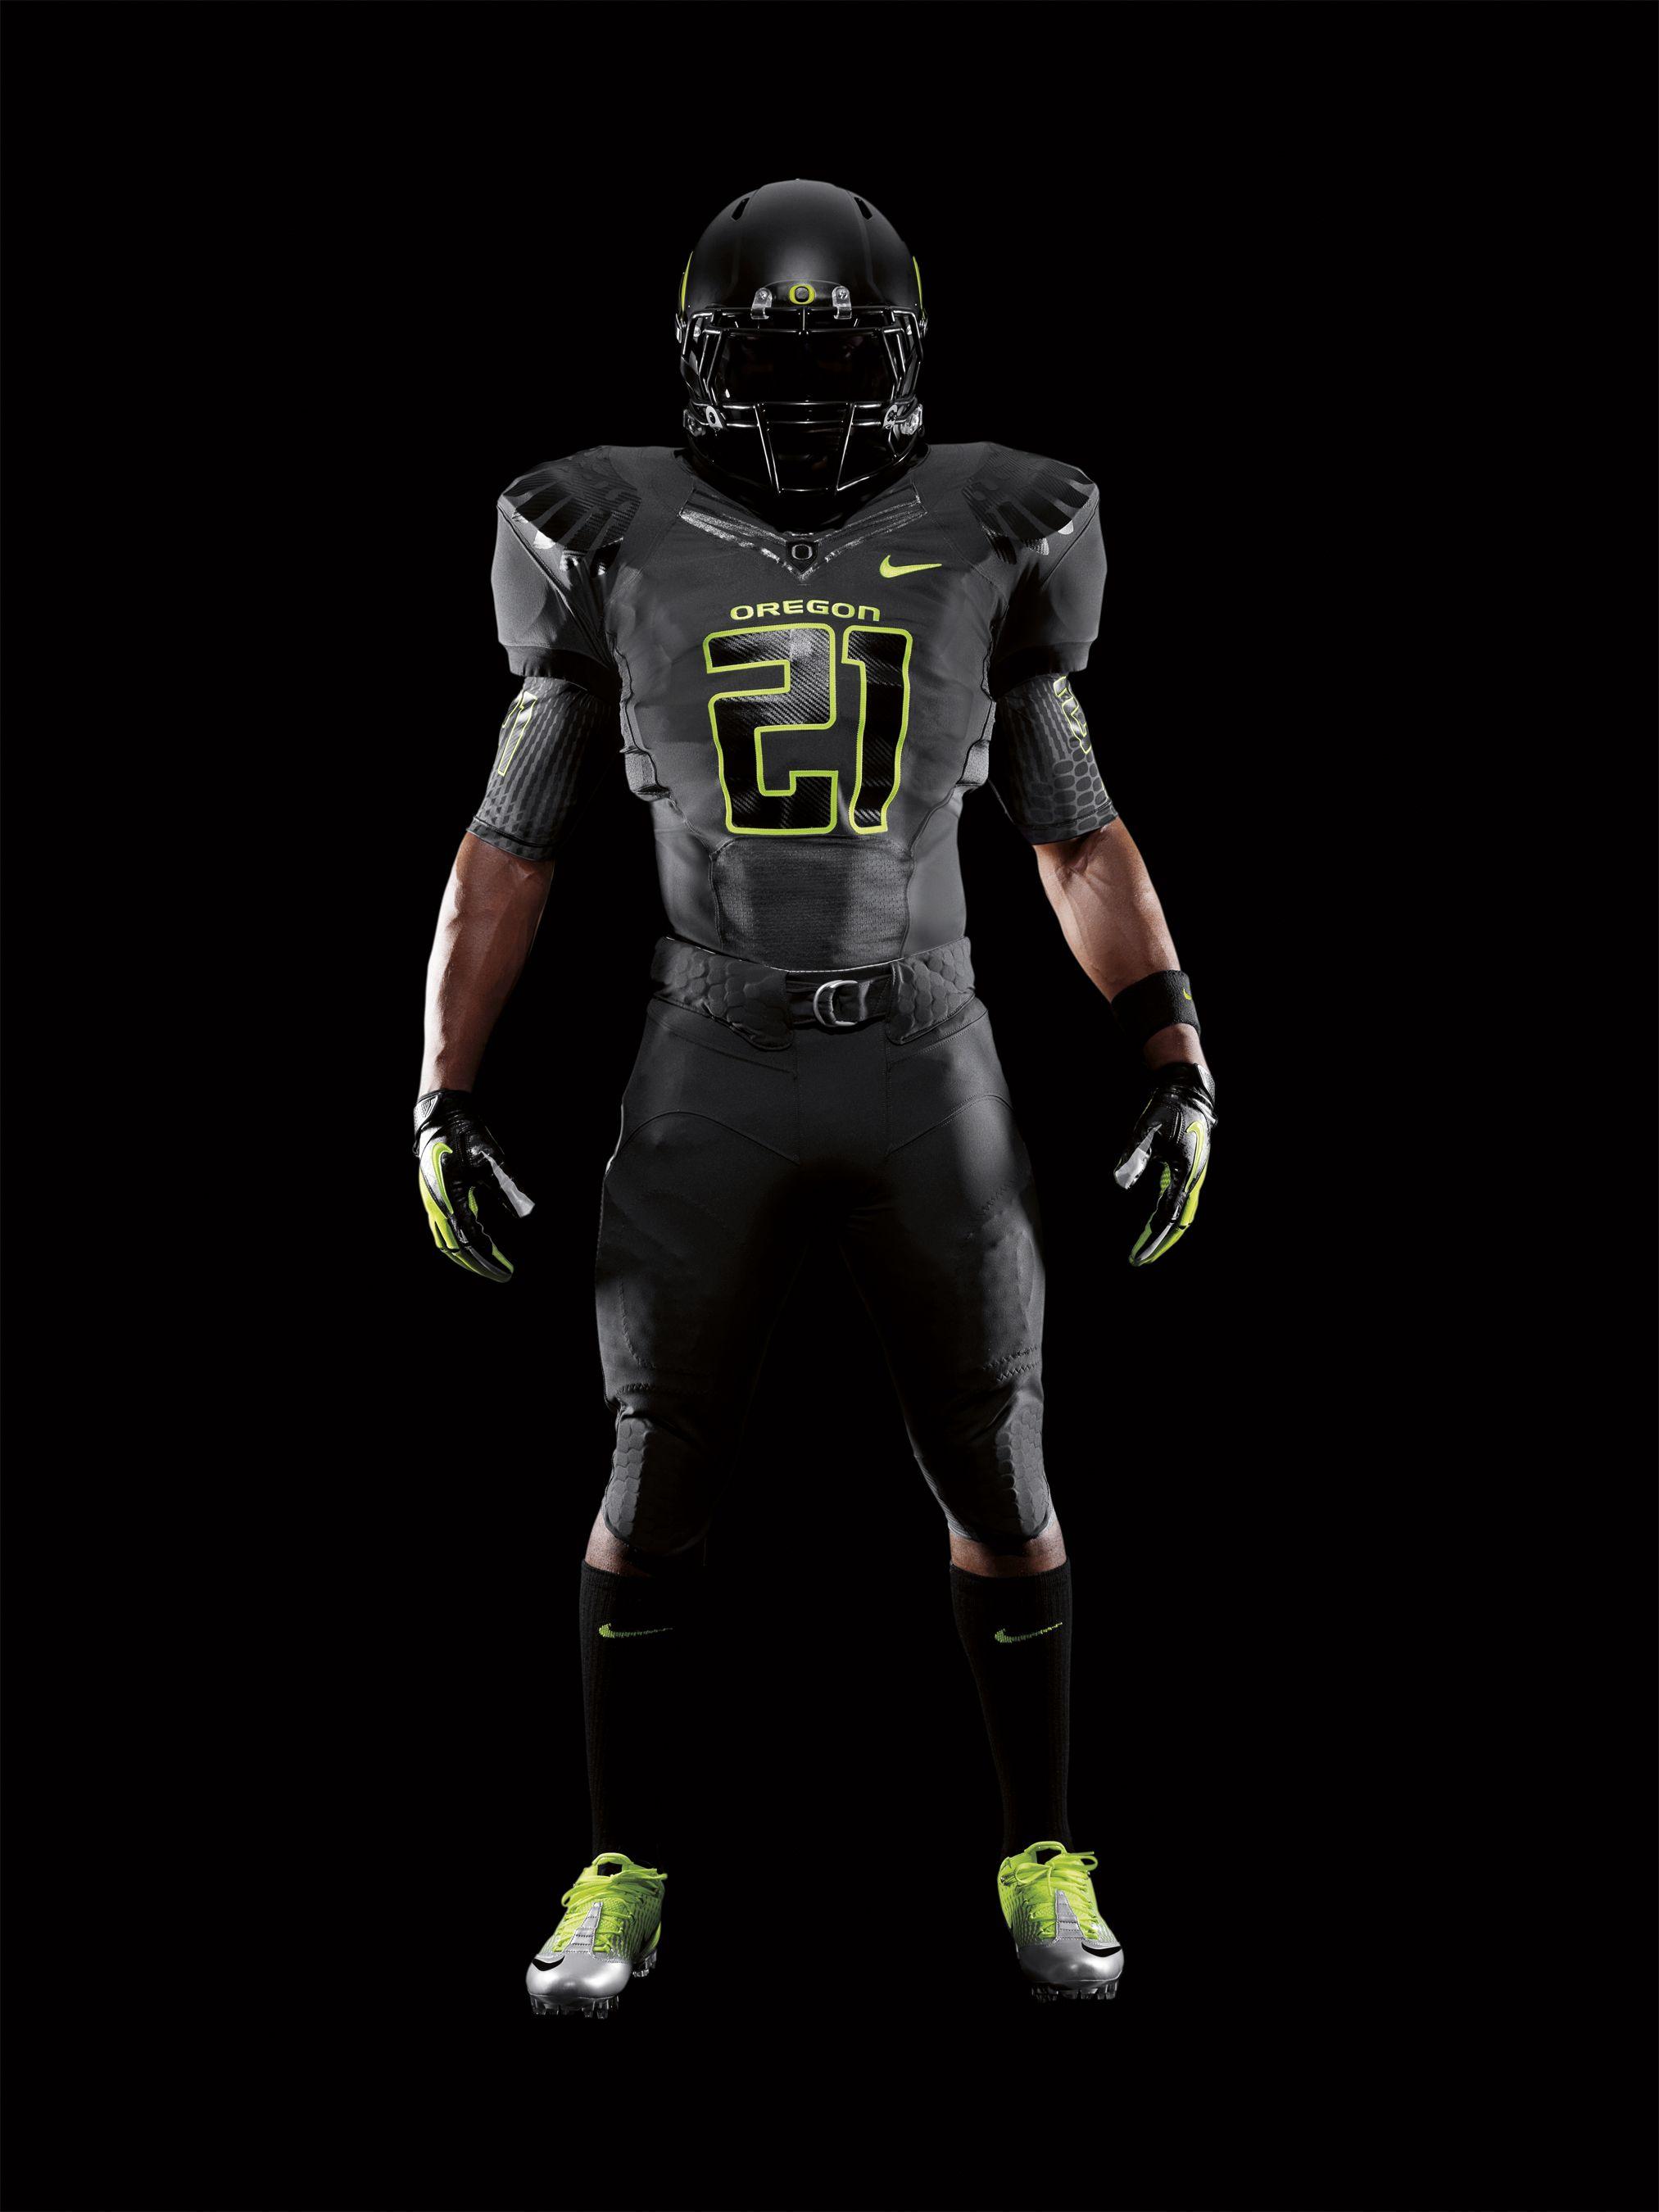 Tron Goes To Oregon Nike Pro Combat Uniforms Amazing